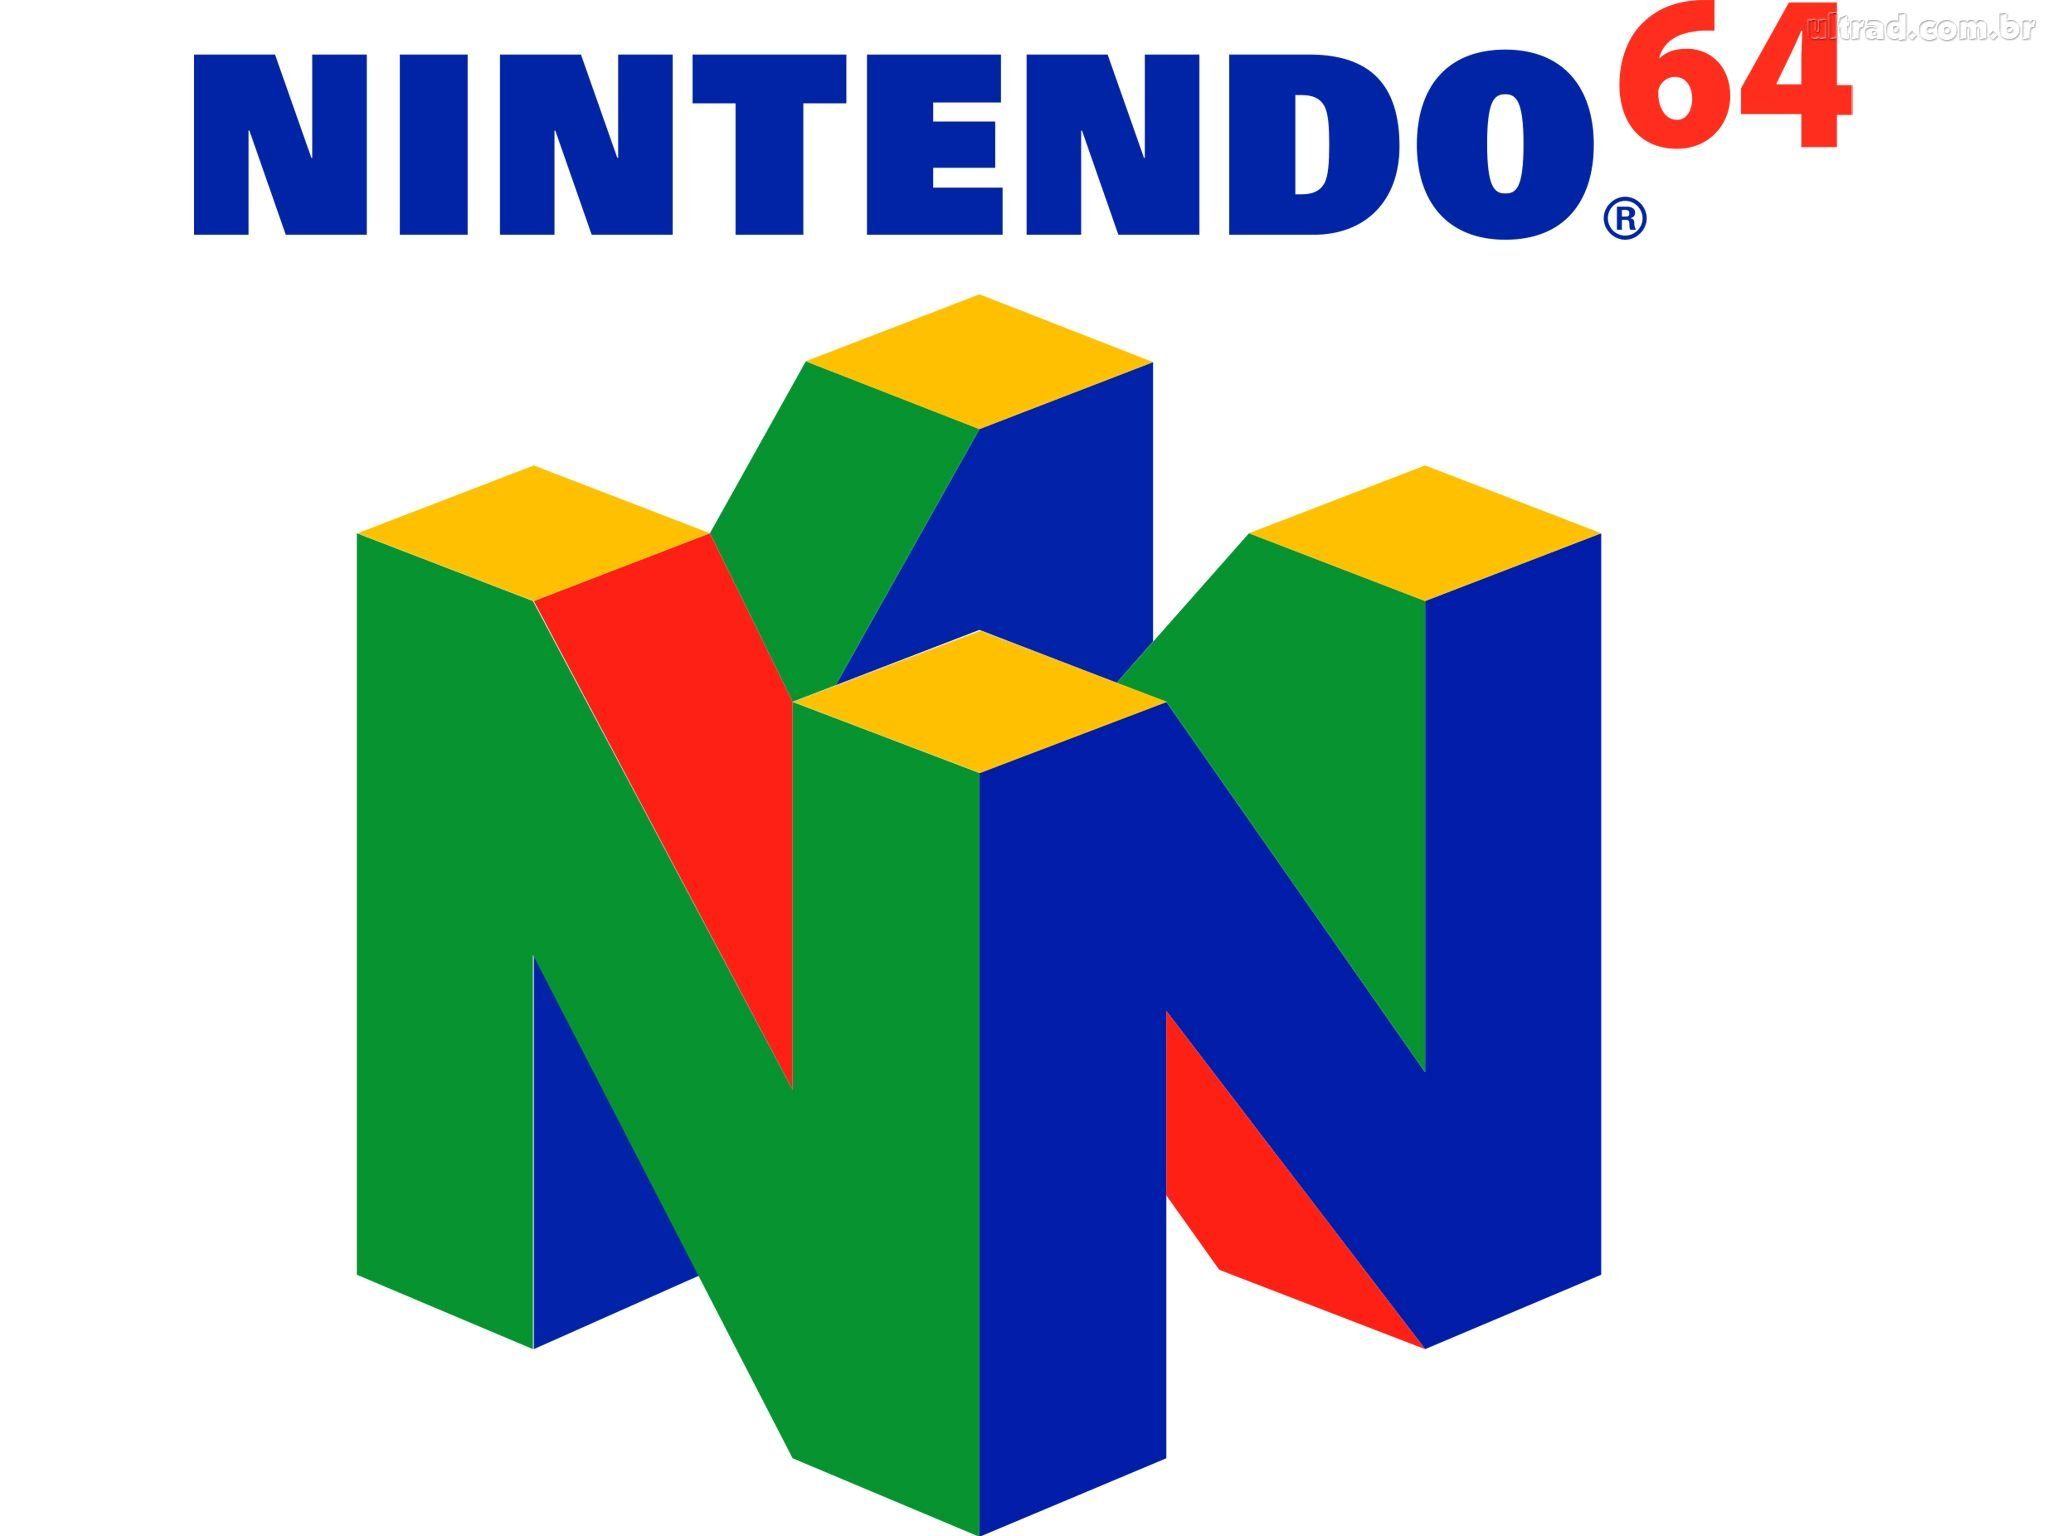 Nintendo 64 Wallpaper - WallpaperSafari